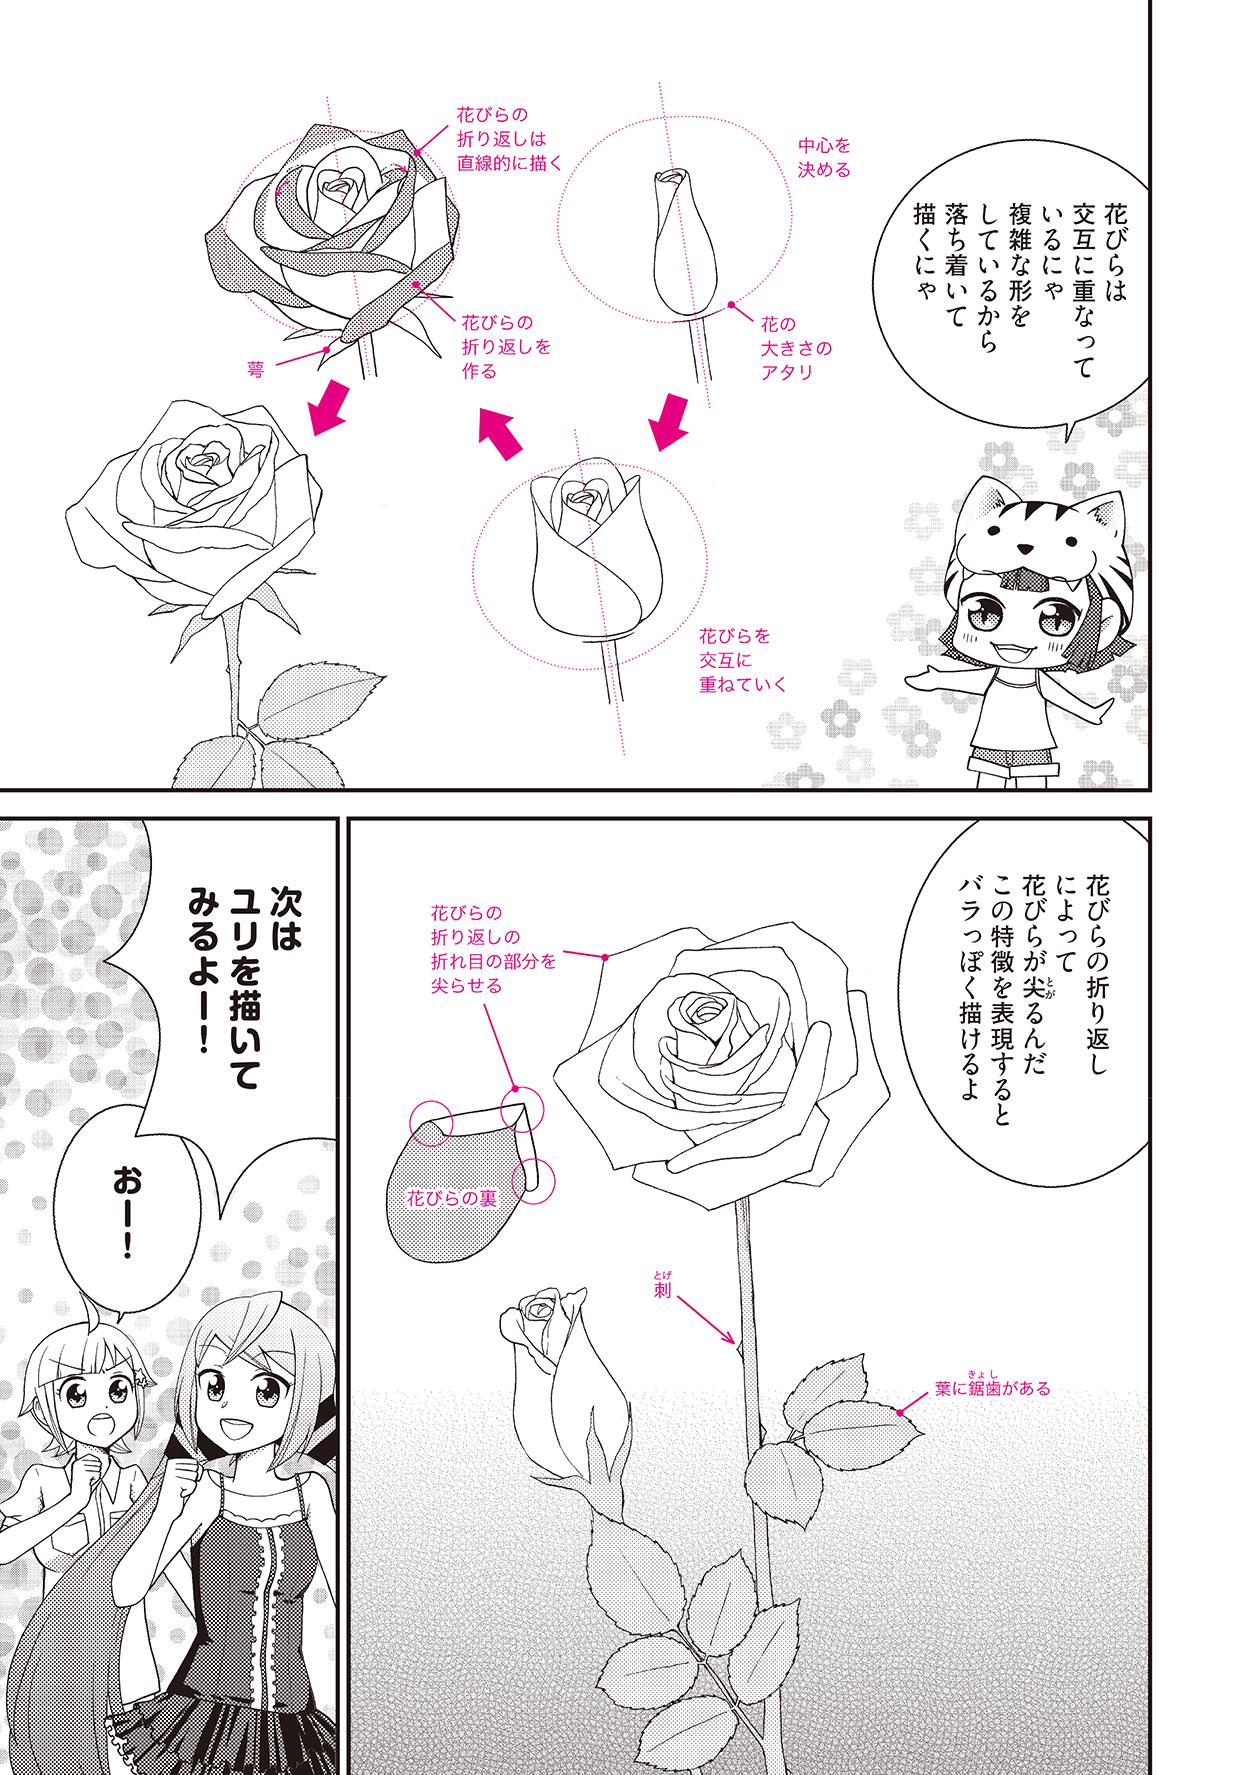 漫画の背景や効果に使える花の描き方 イラスト マンガ描き方ナビ